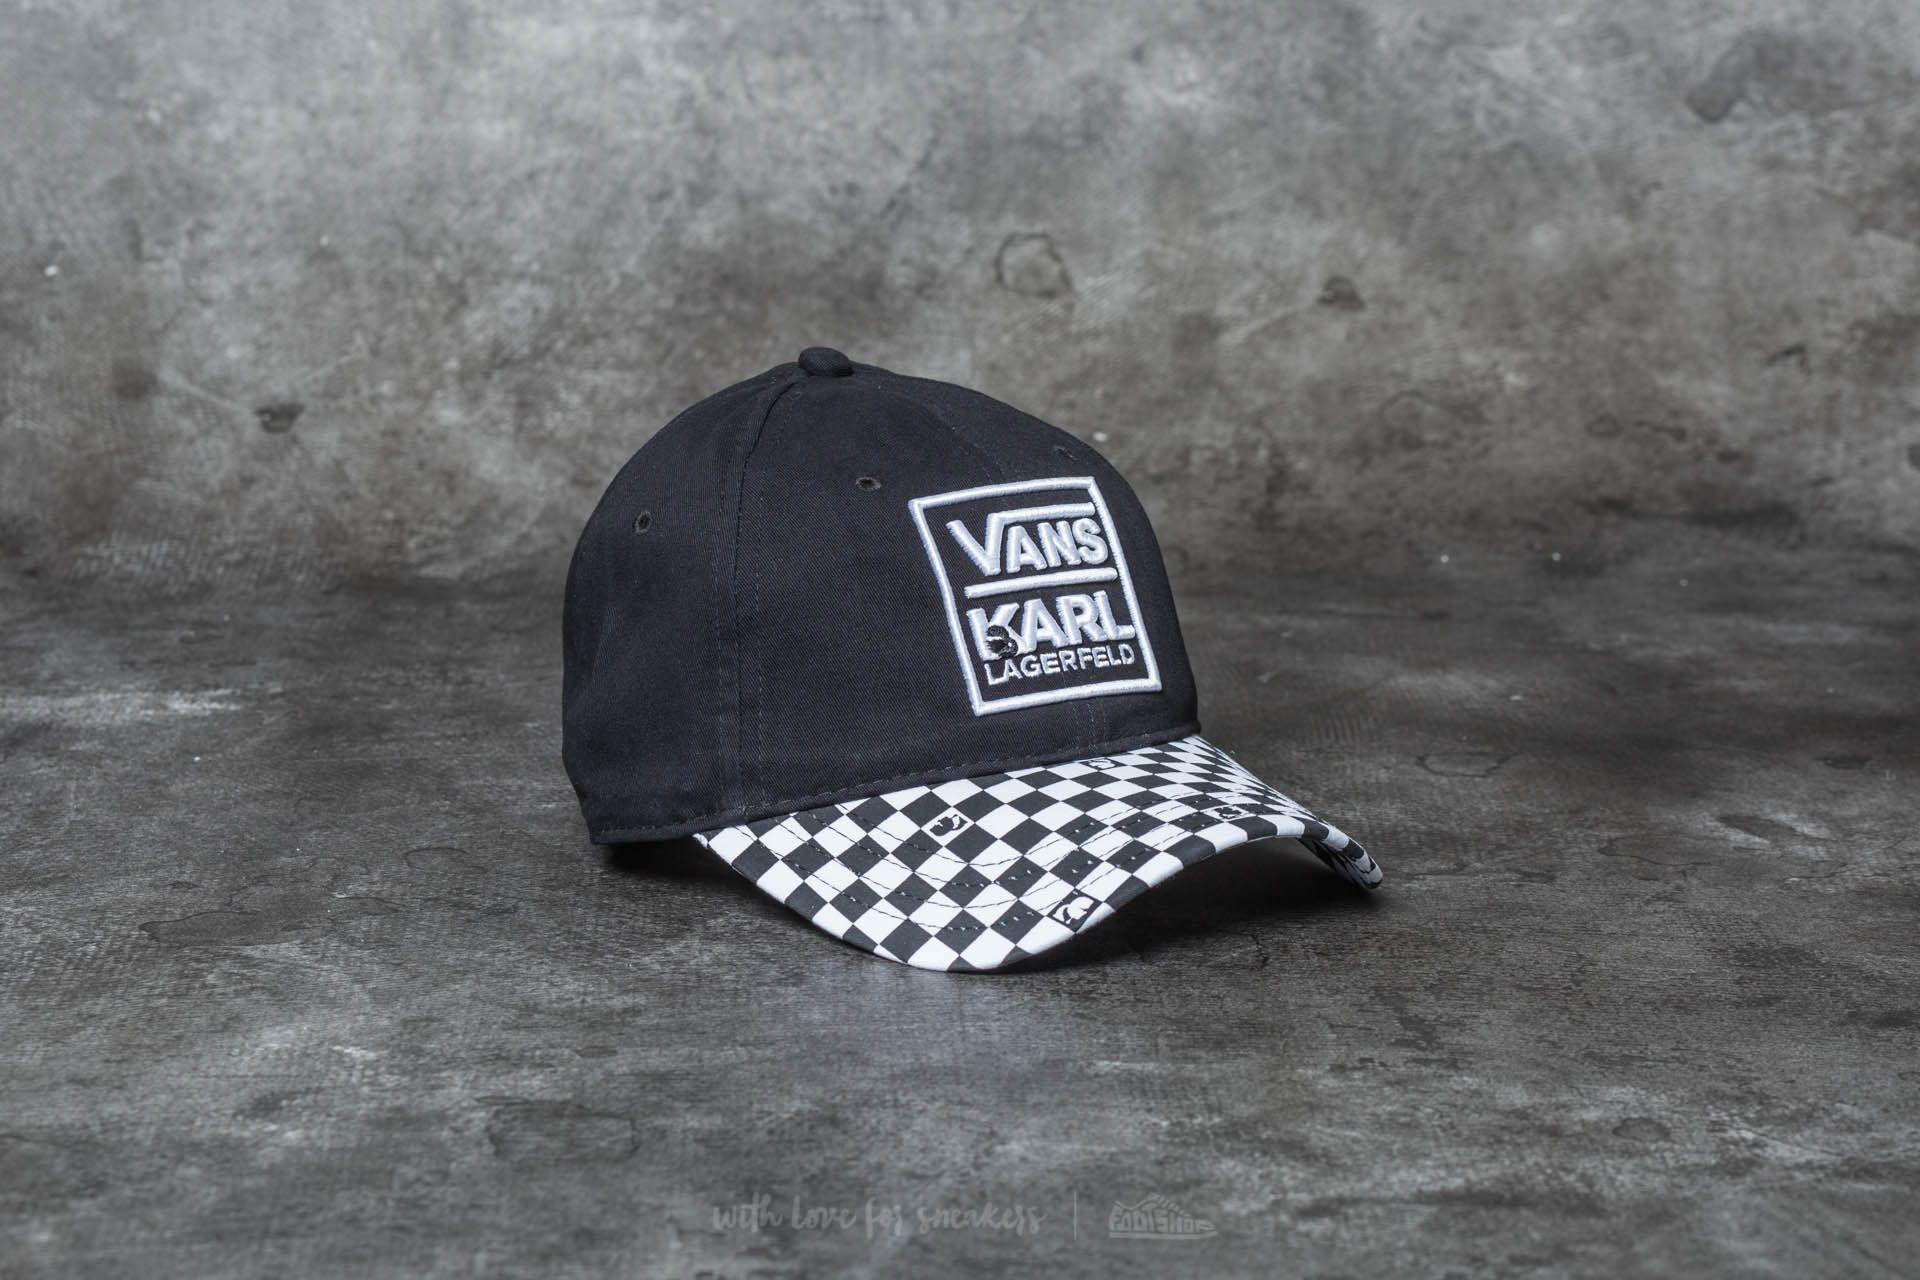 294f4ca44b14ee Vans x Karl Lagerfeld Dugout Hat Black | Footshop